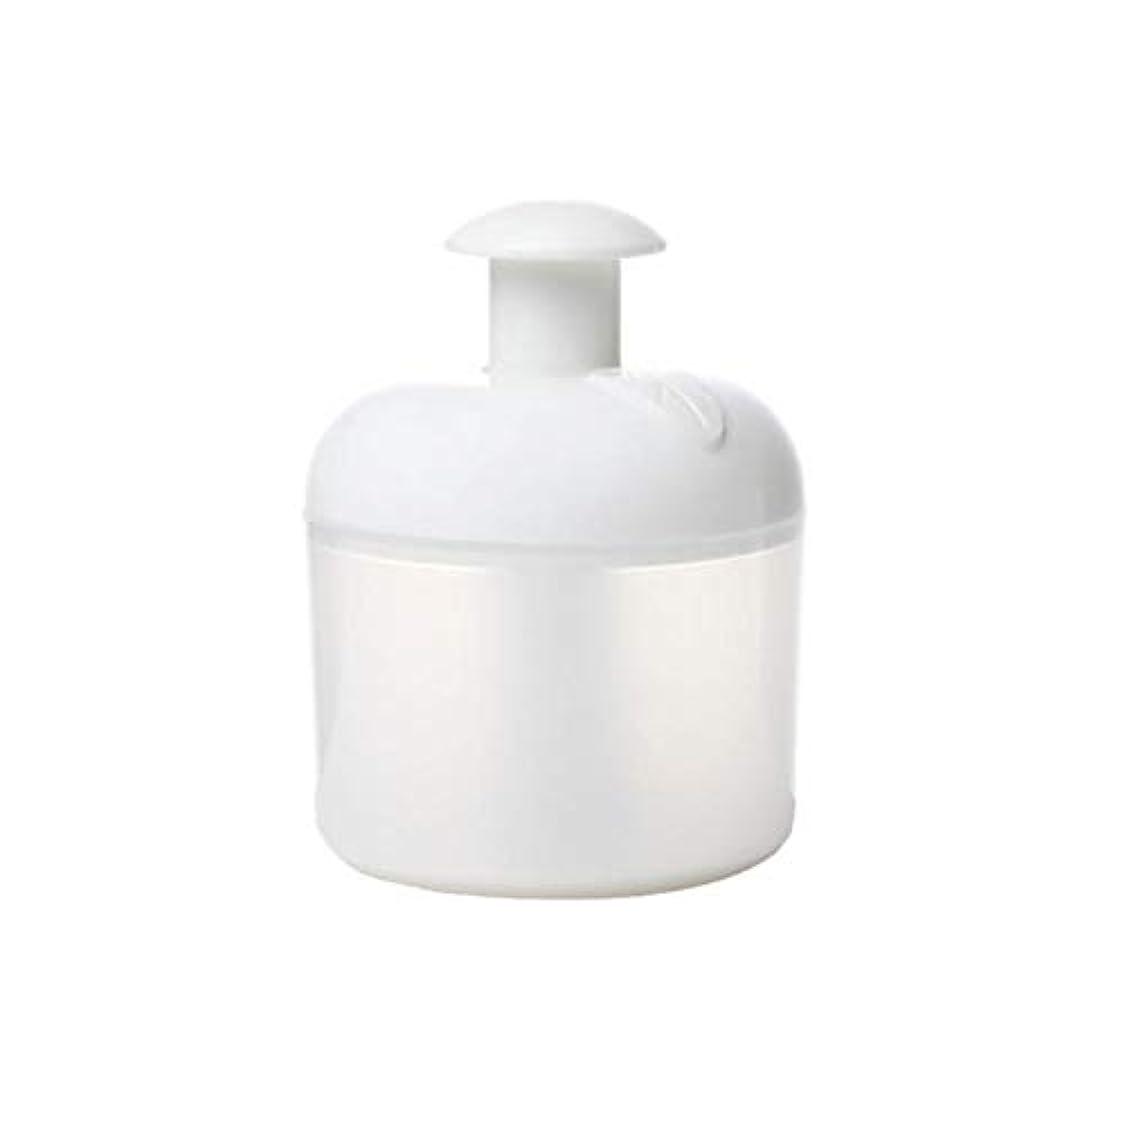 誤解させる物語注ぎますマイクロバブルフォーマー - Dewin 洗顔泡立て器 洗顔ネット マイクロホイッパー クリーンツール 7倍の濃厚なバブル 美容グッズ